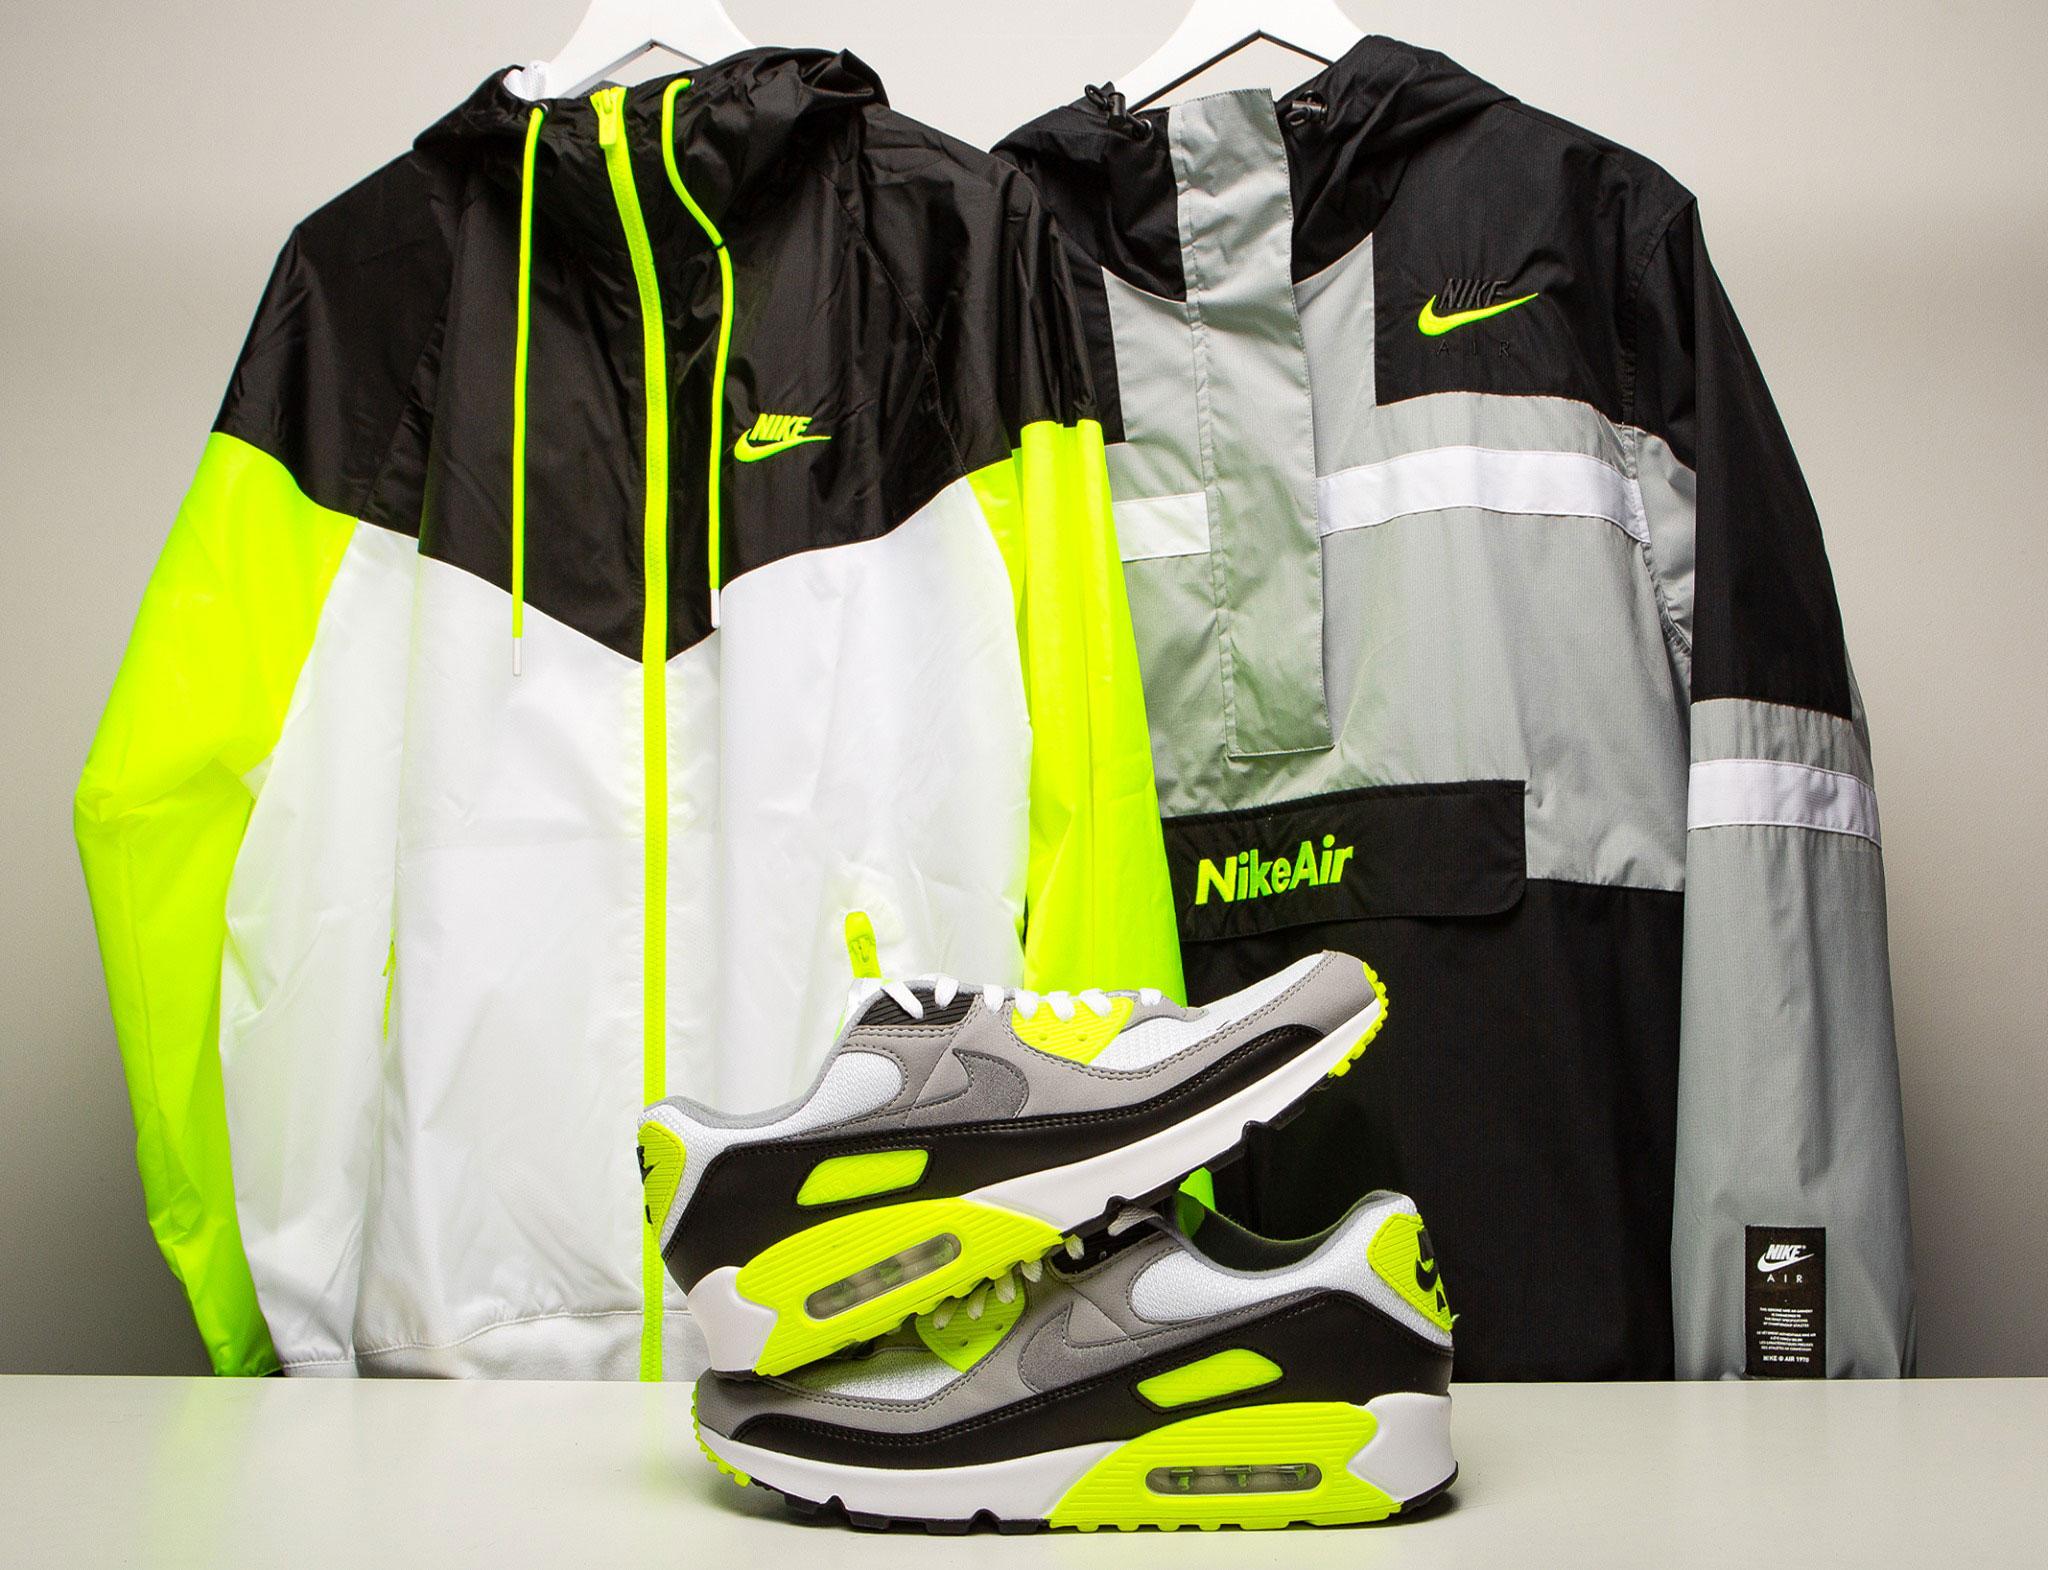 nike-air-max-90-volt-og-jackets